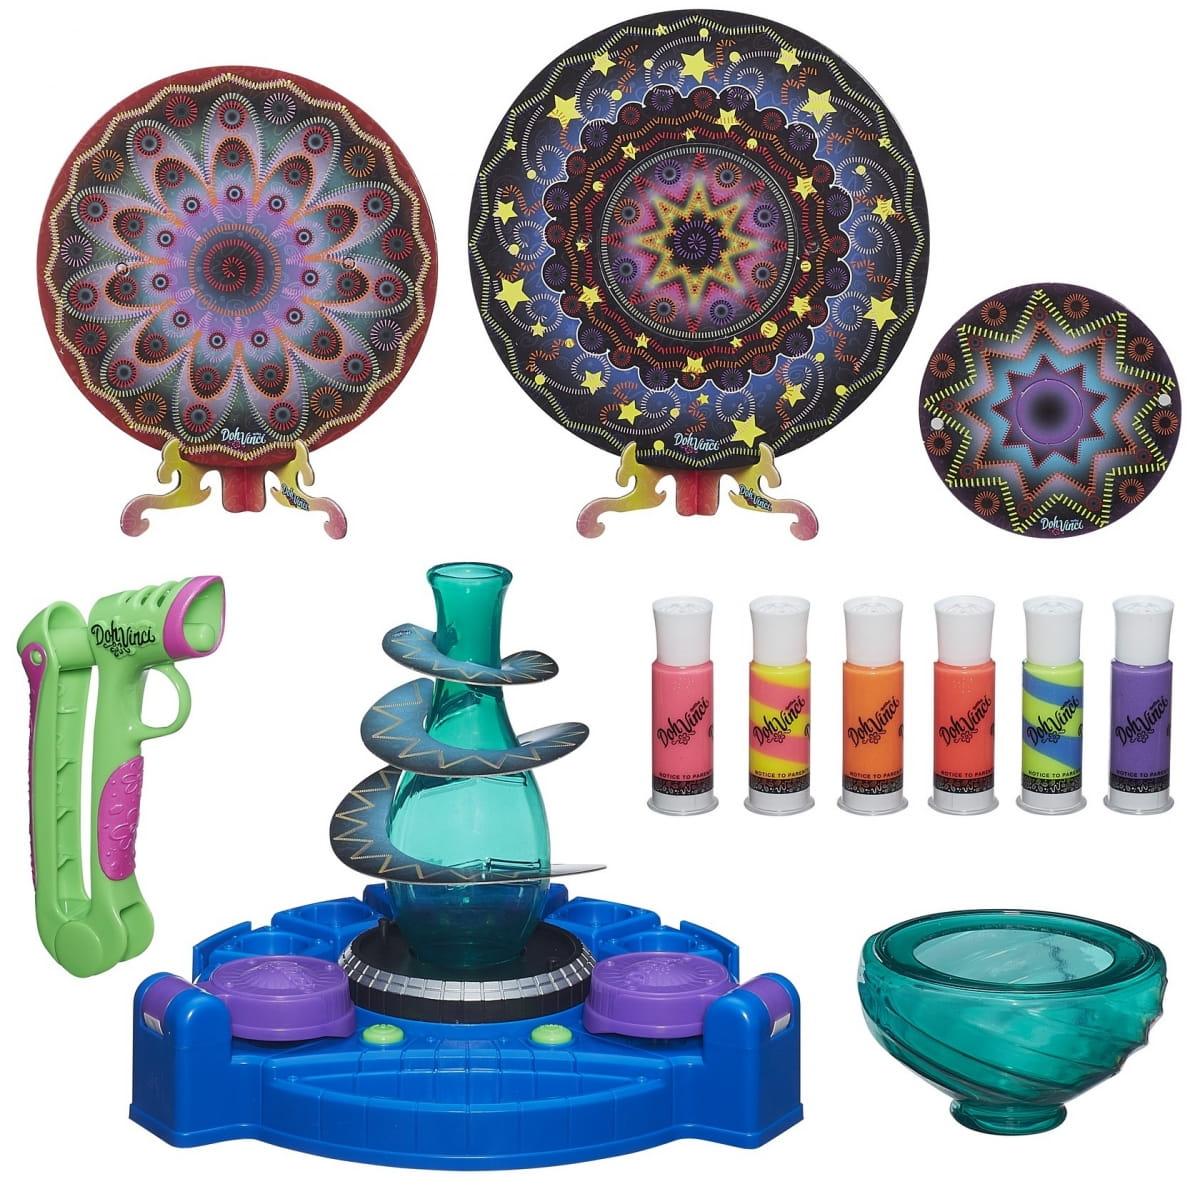 Набор для творчества Dohvinci Студия дизайна с подсветкой (Hasbro)